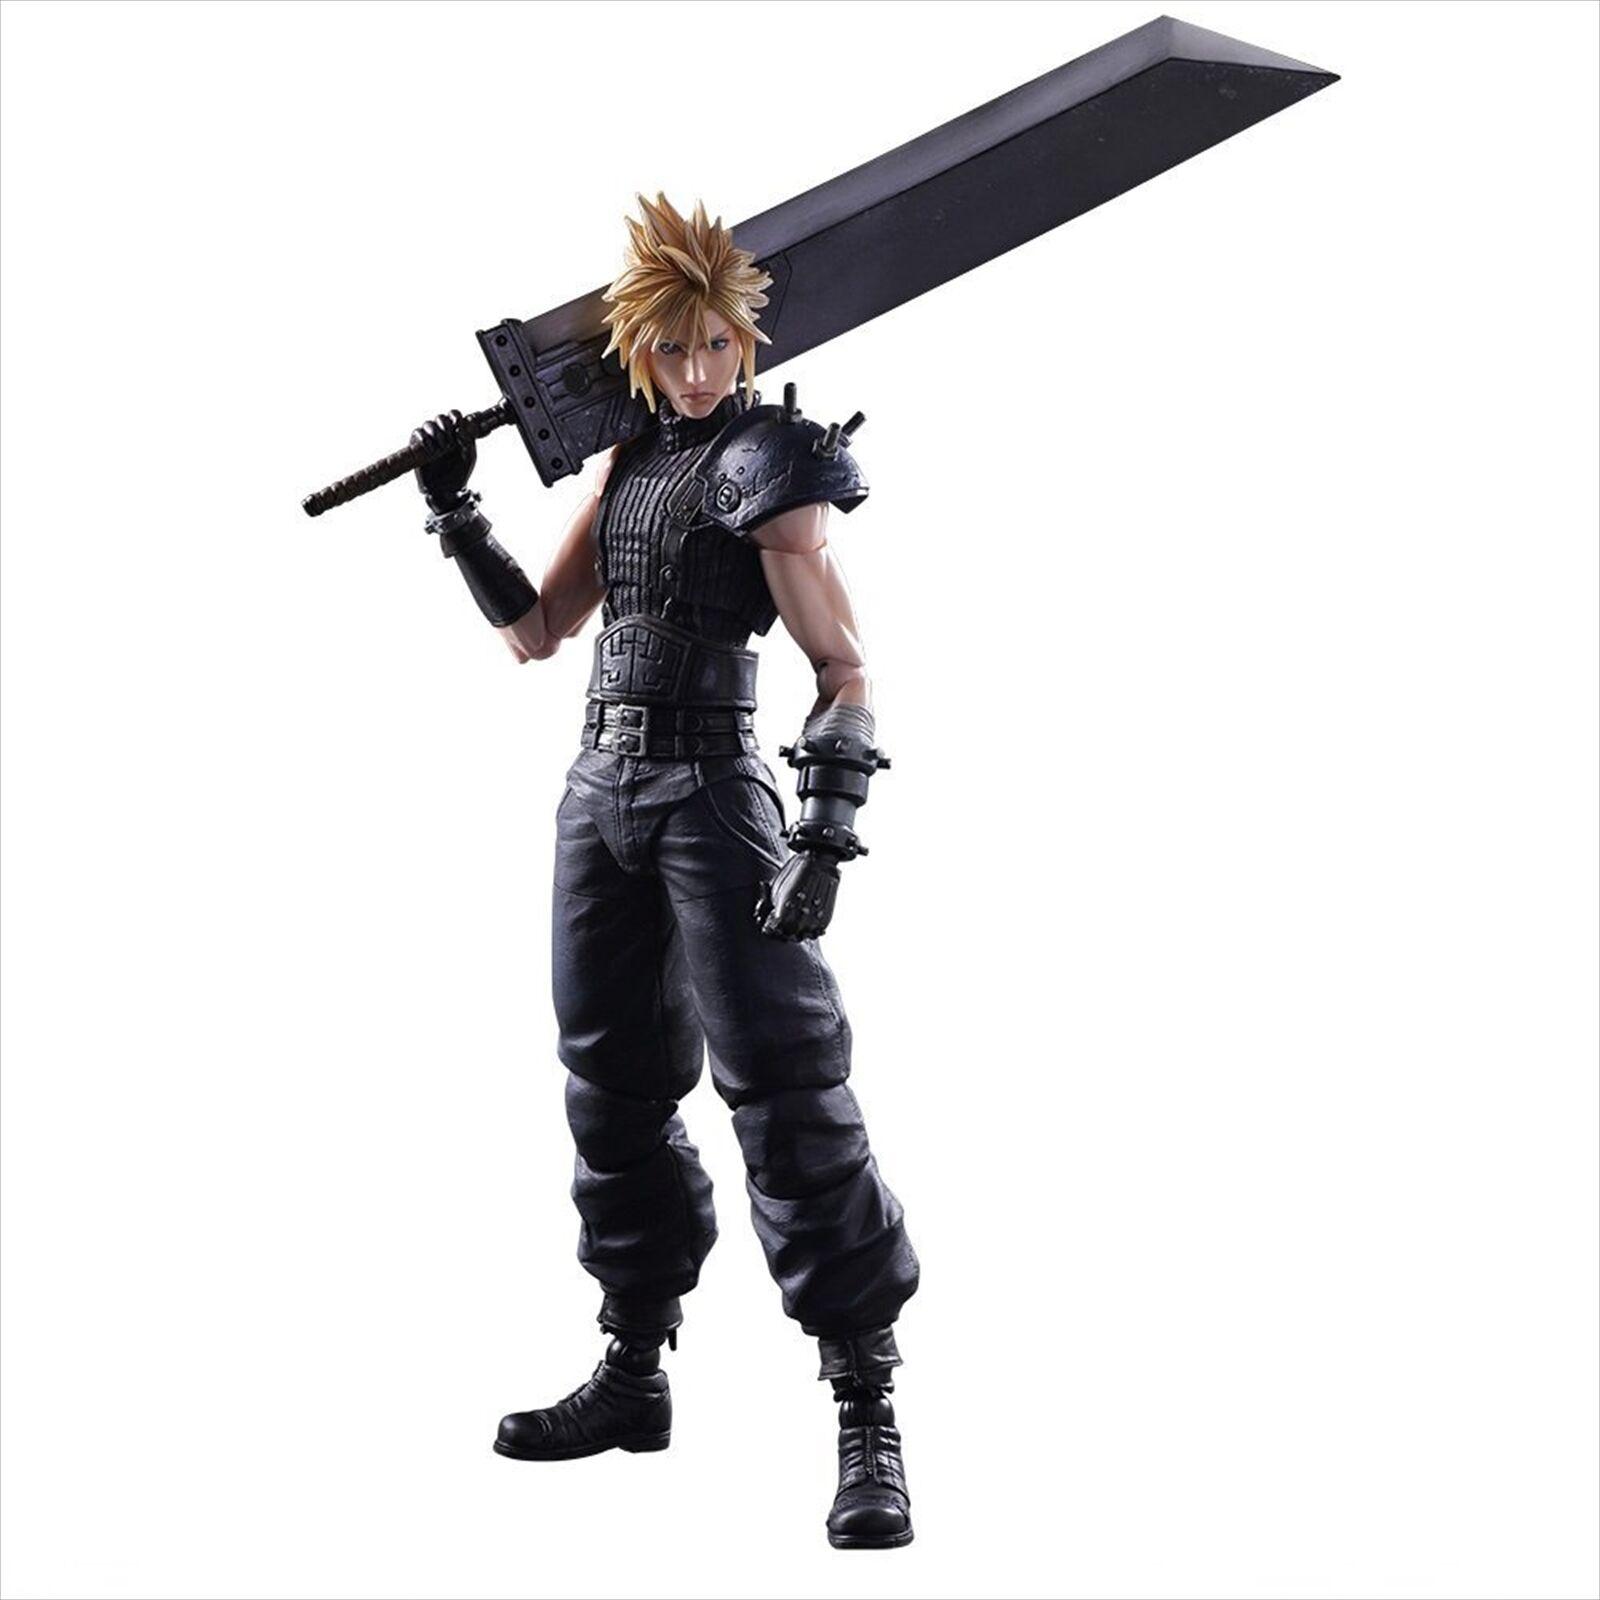 Square Enix Play Arts Kai Final Fantasy VII remake conflictos en la nube No.1 figura